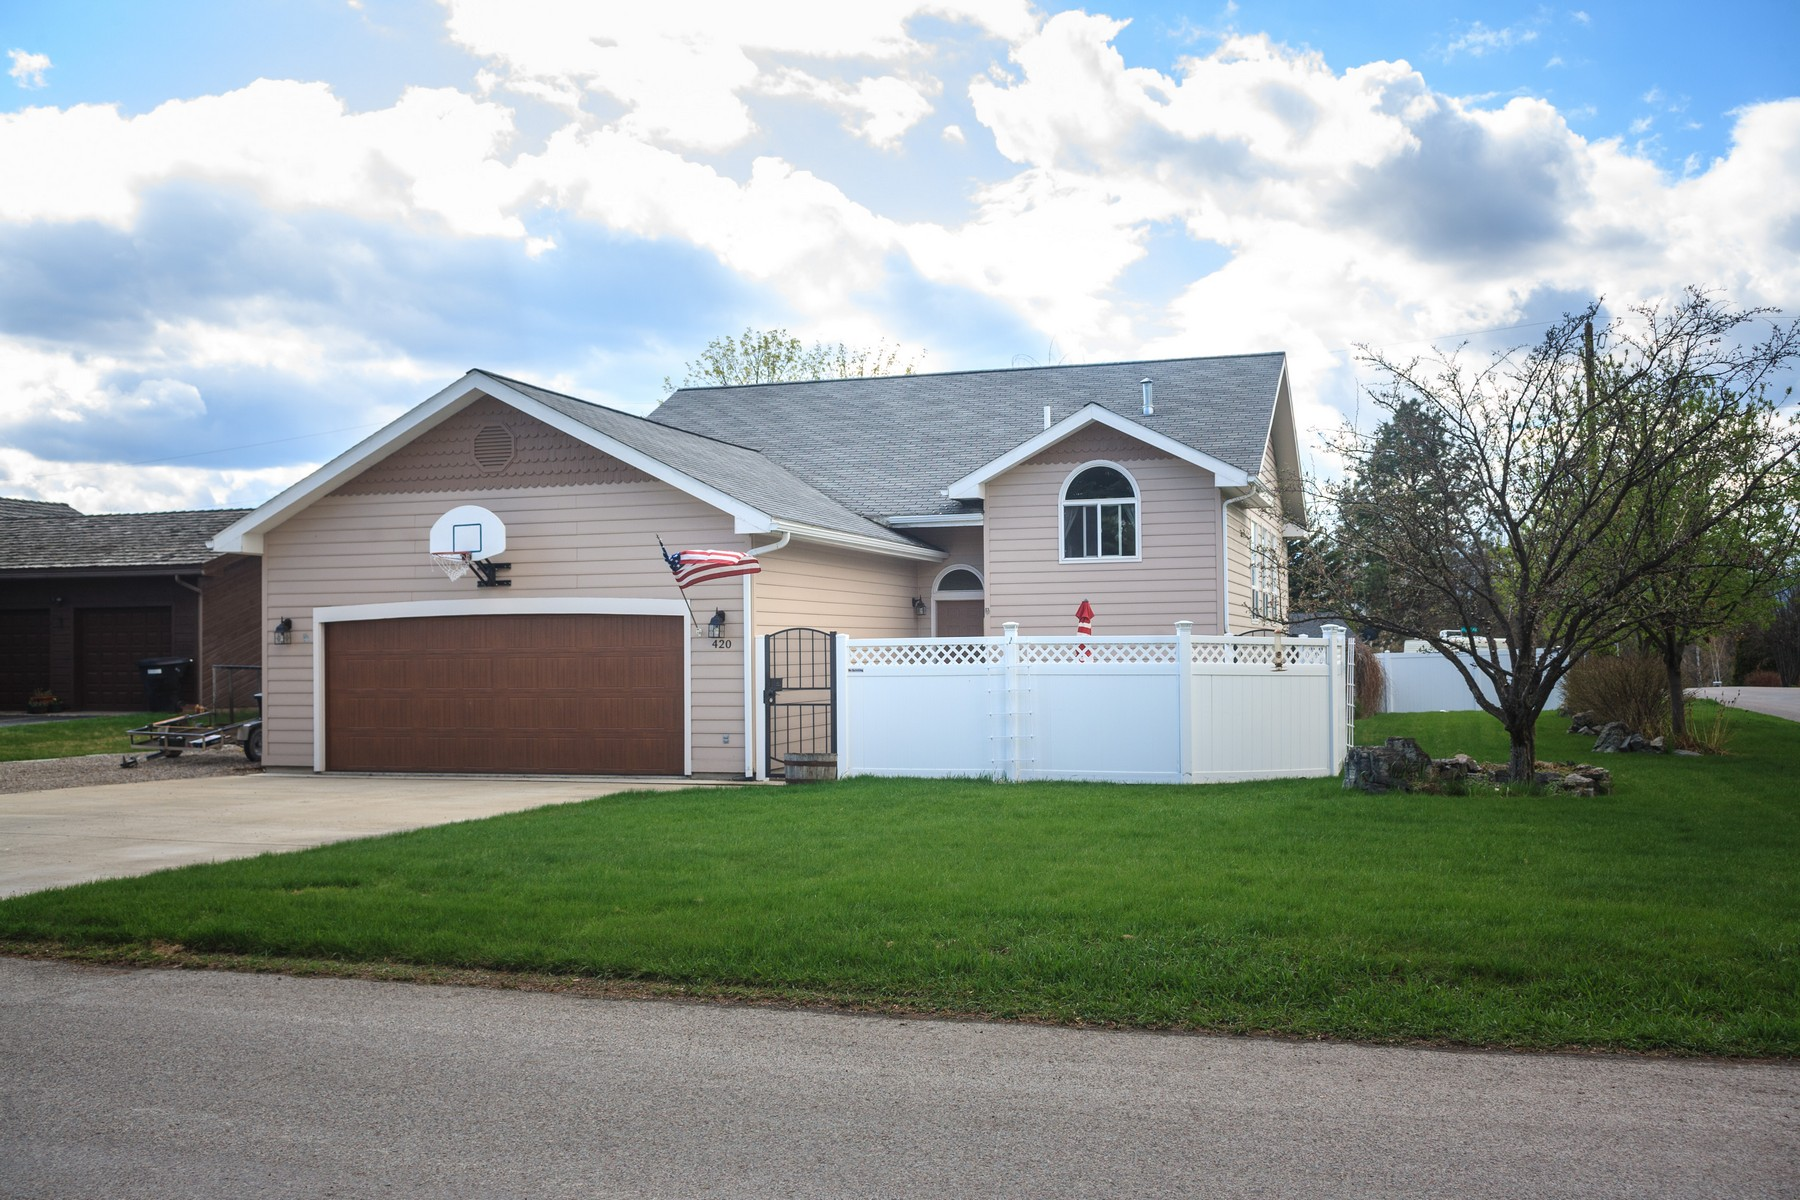 Maison unifamiliale pour l Vente à 420 Crestview Drive 420 Crestview Rd Kalispell, Montana, 59901 États-Unis